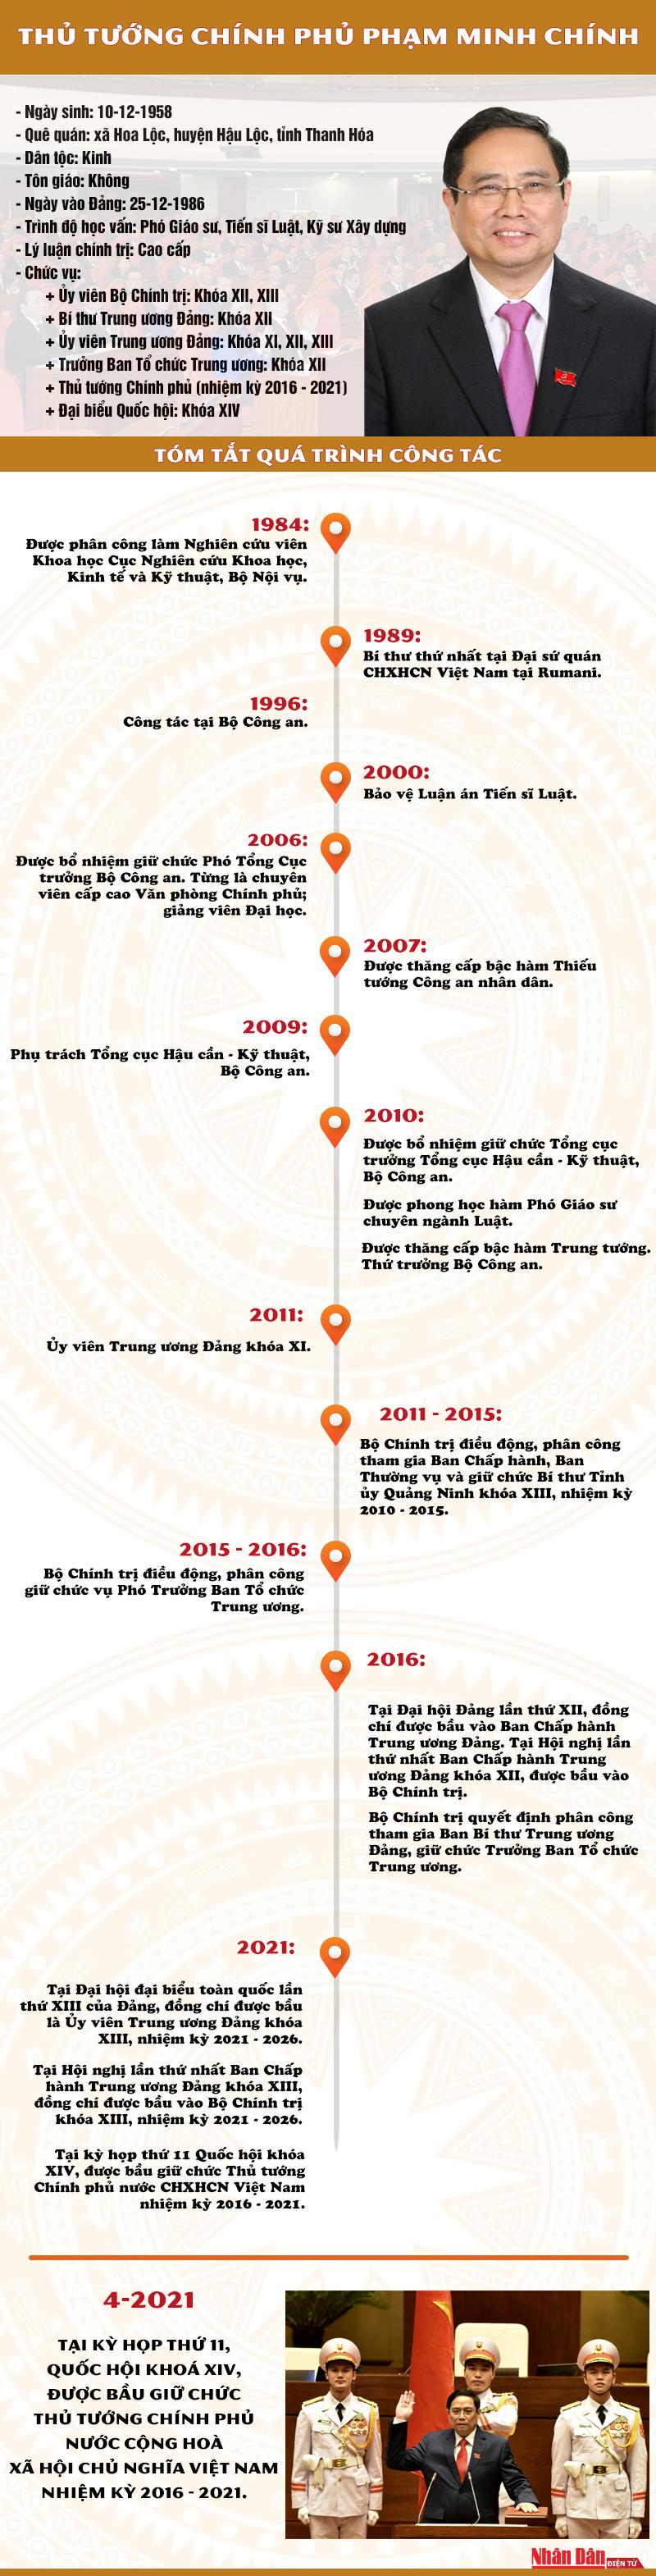 [Infographic] Thủ tướng Chính phủ Phạm Minh Chính -0